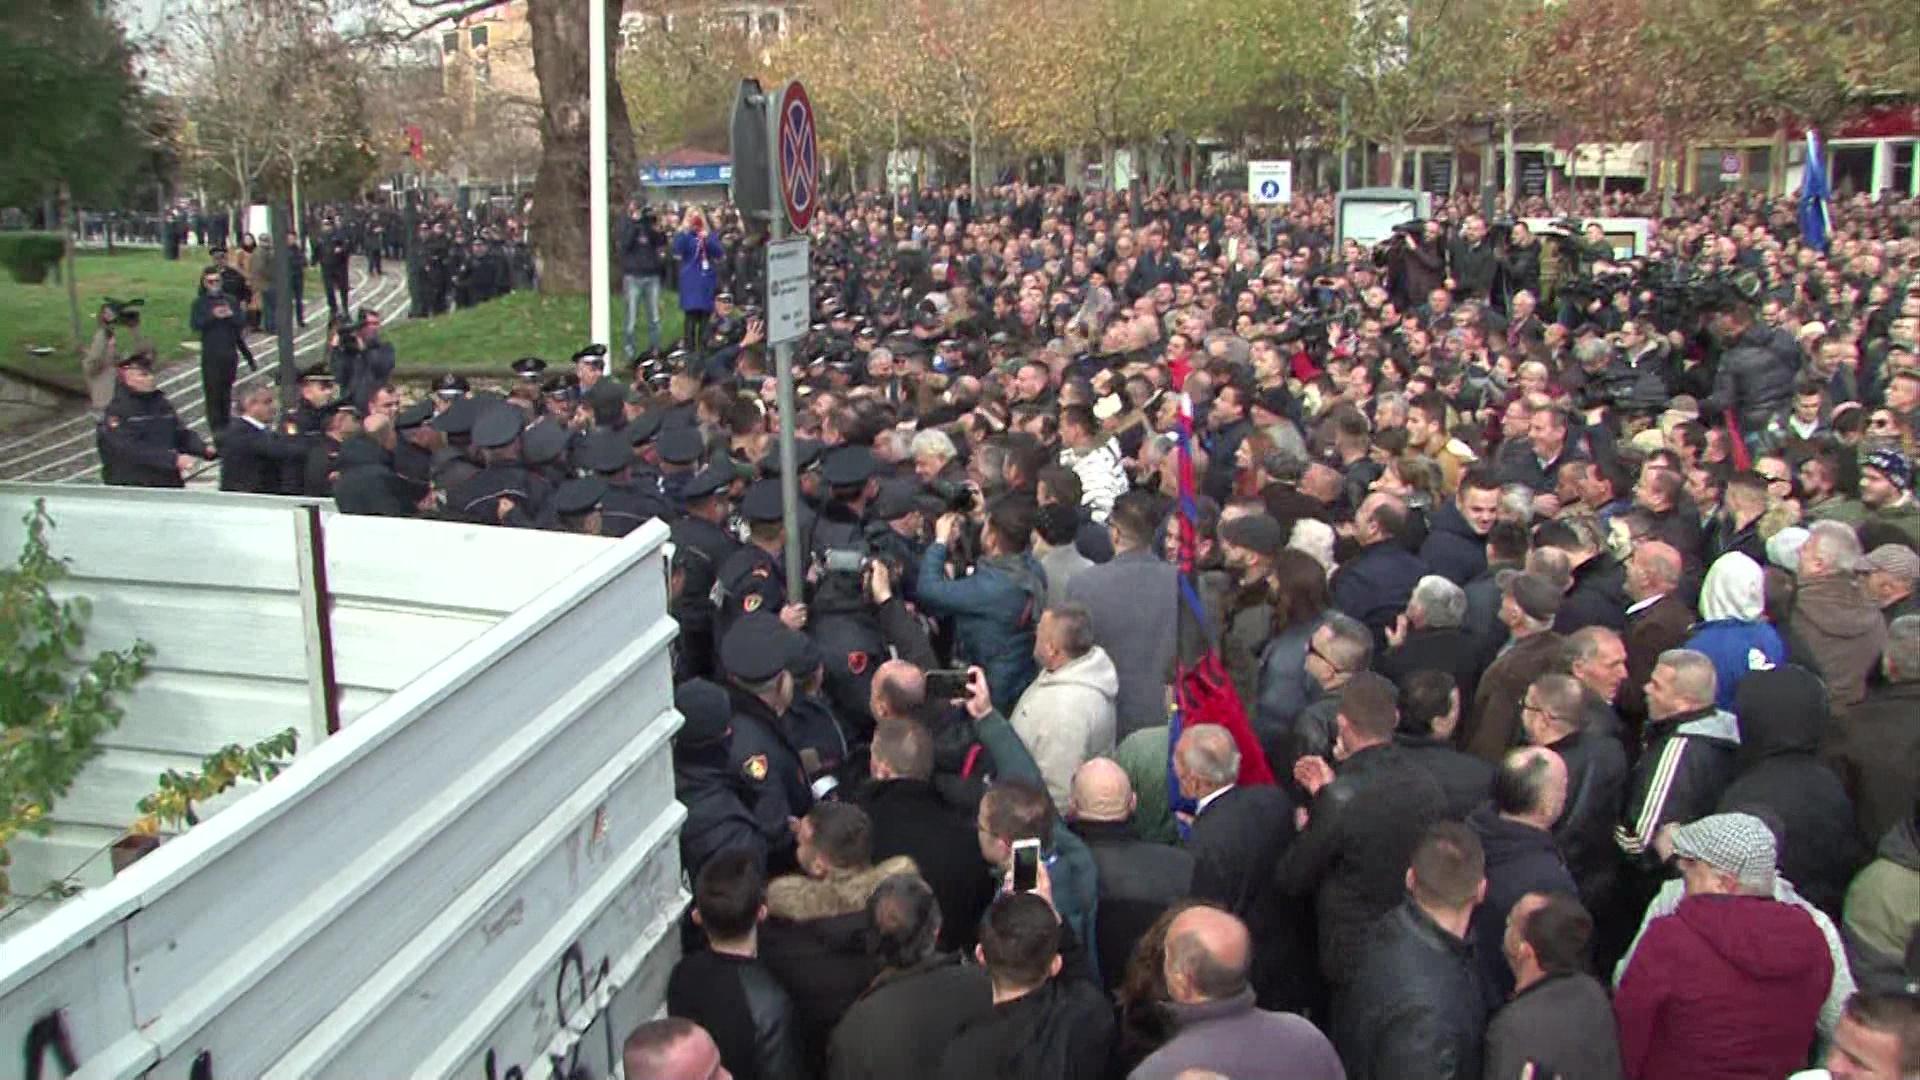 Protestuesit tentojnë të hyjnë me forcë në oborrin e Parlamentit